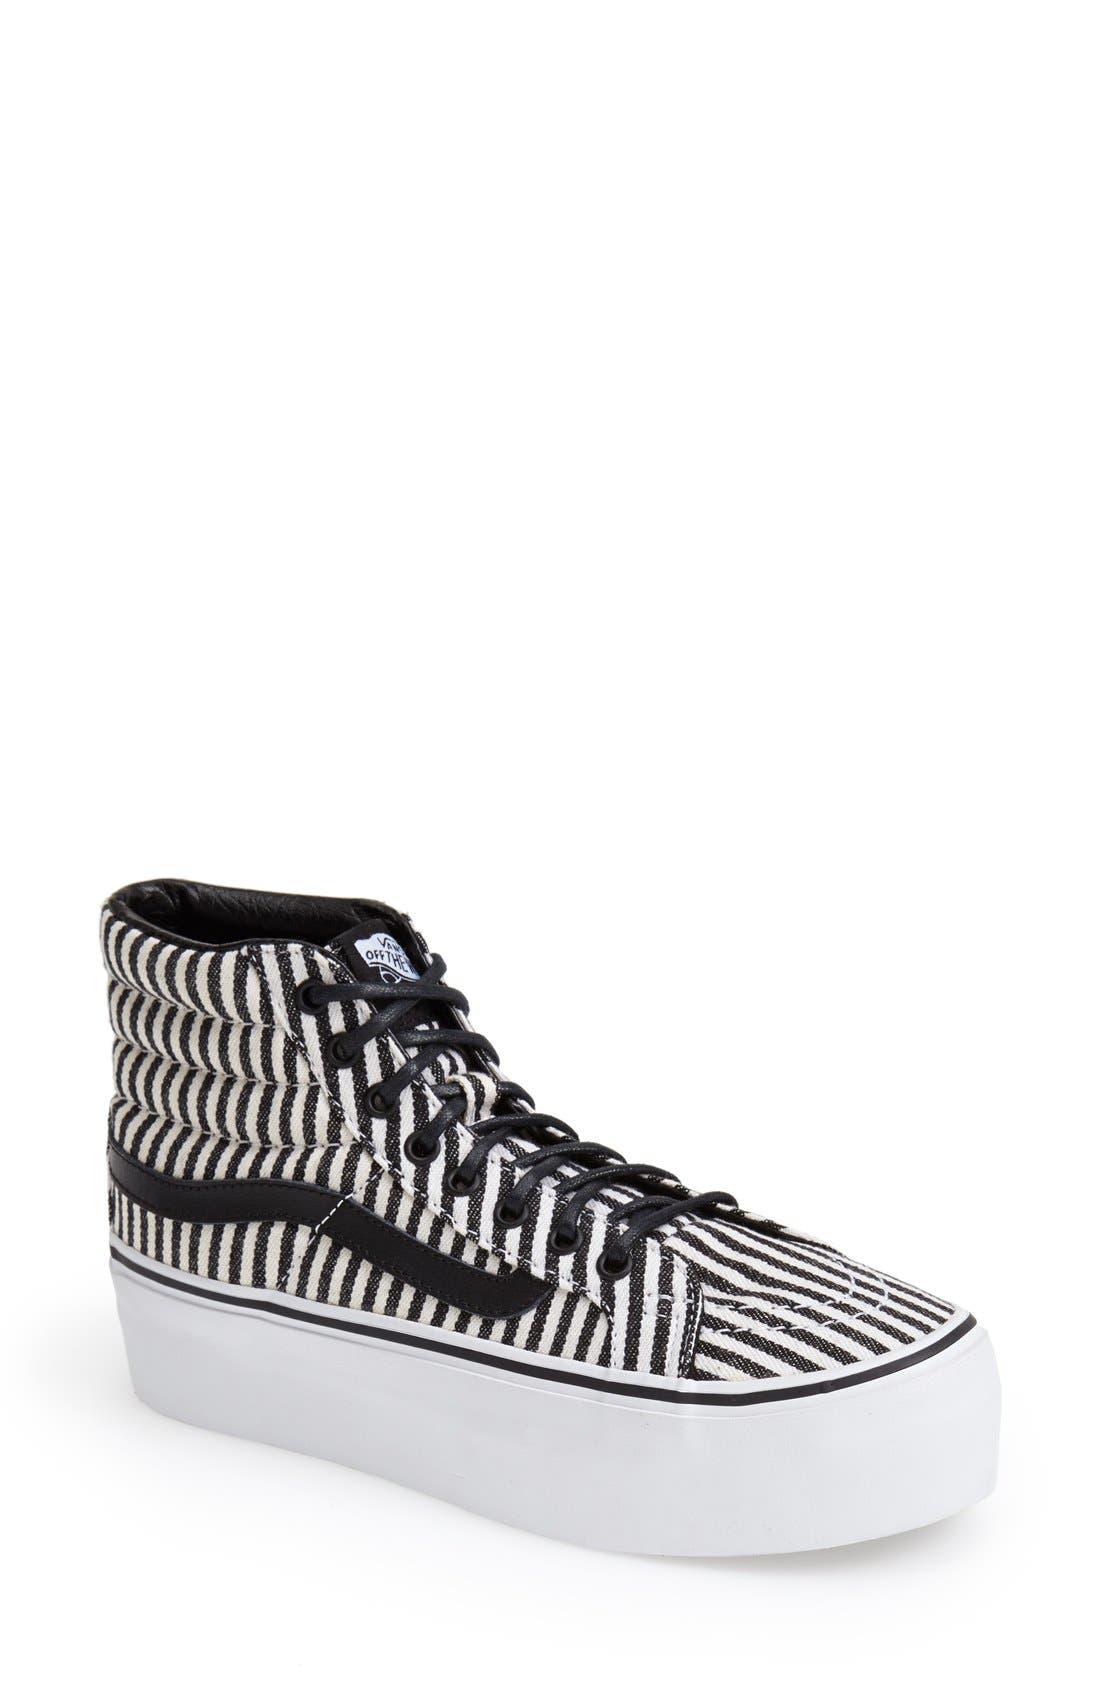 Main Image - Vans 'Hickory Stripes Sk8-Hi Platform' Sneaker (Women)